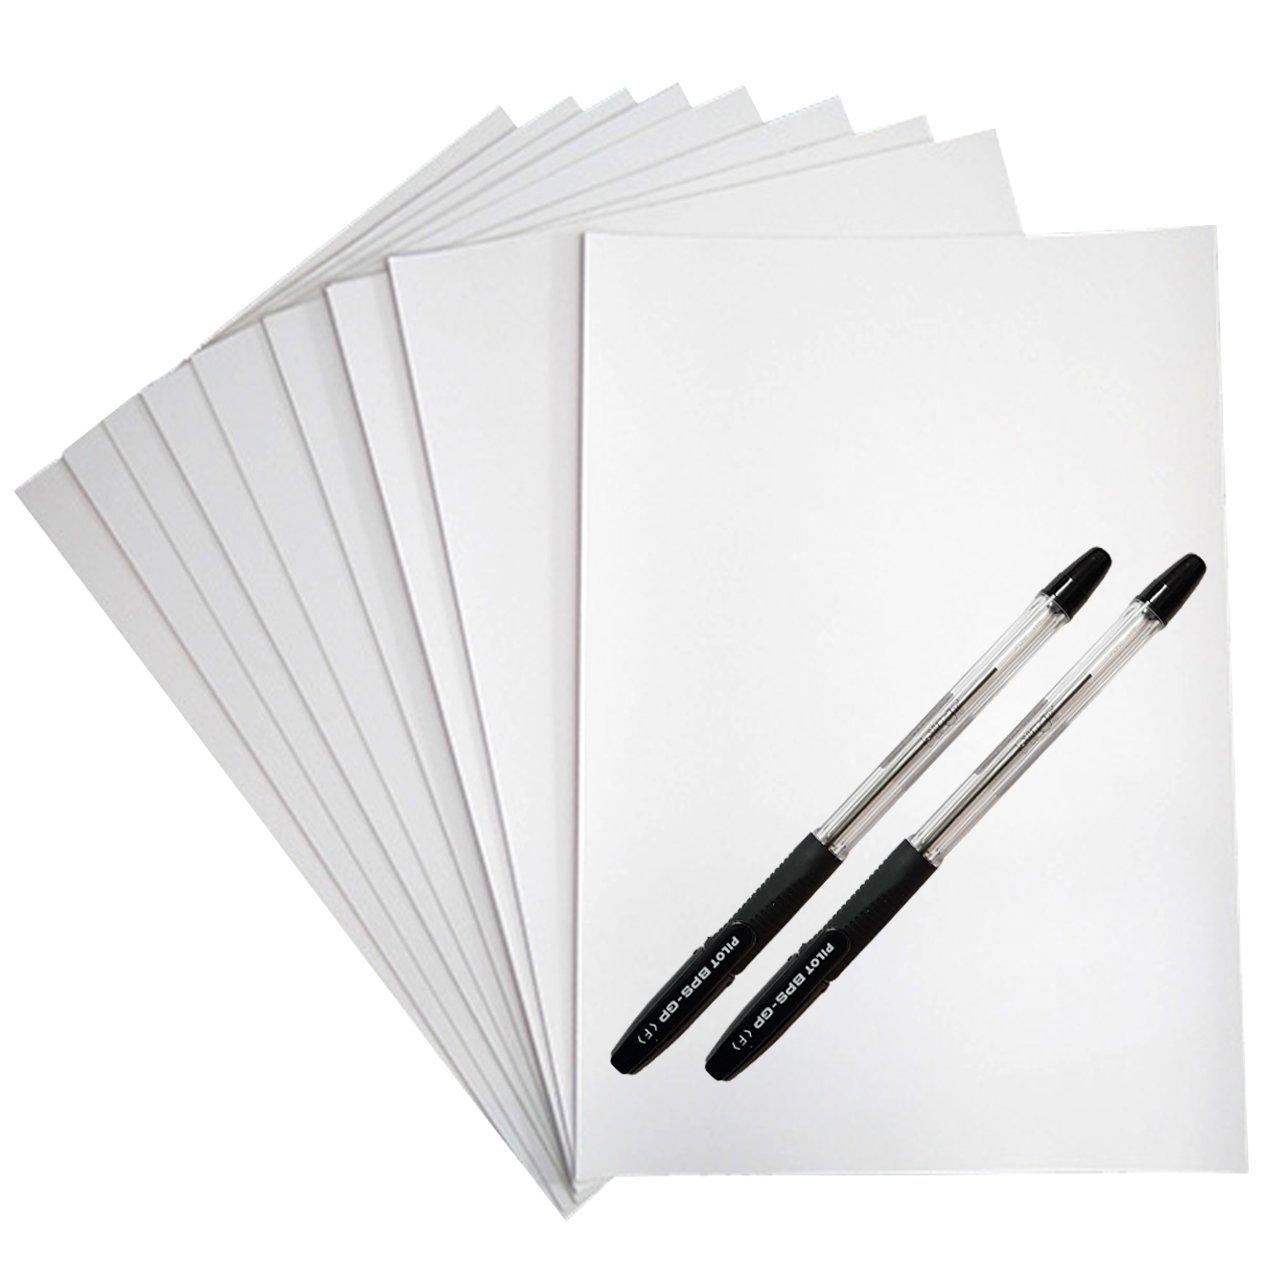 کاغذ A5 کد 505 بسته 50 عددی به همراه خودکار پایلوت مدل BPS-GP  بسته دو عددی